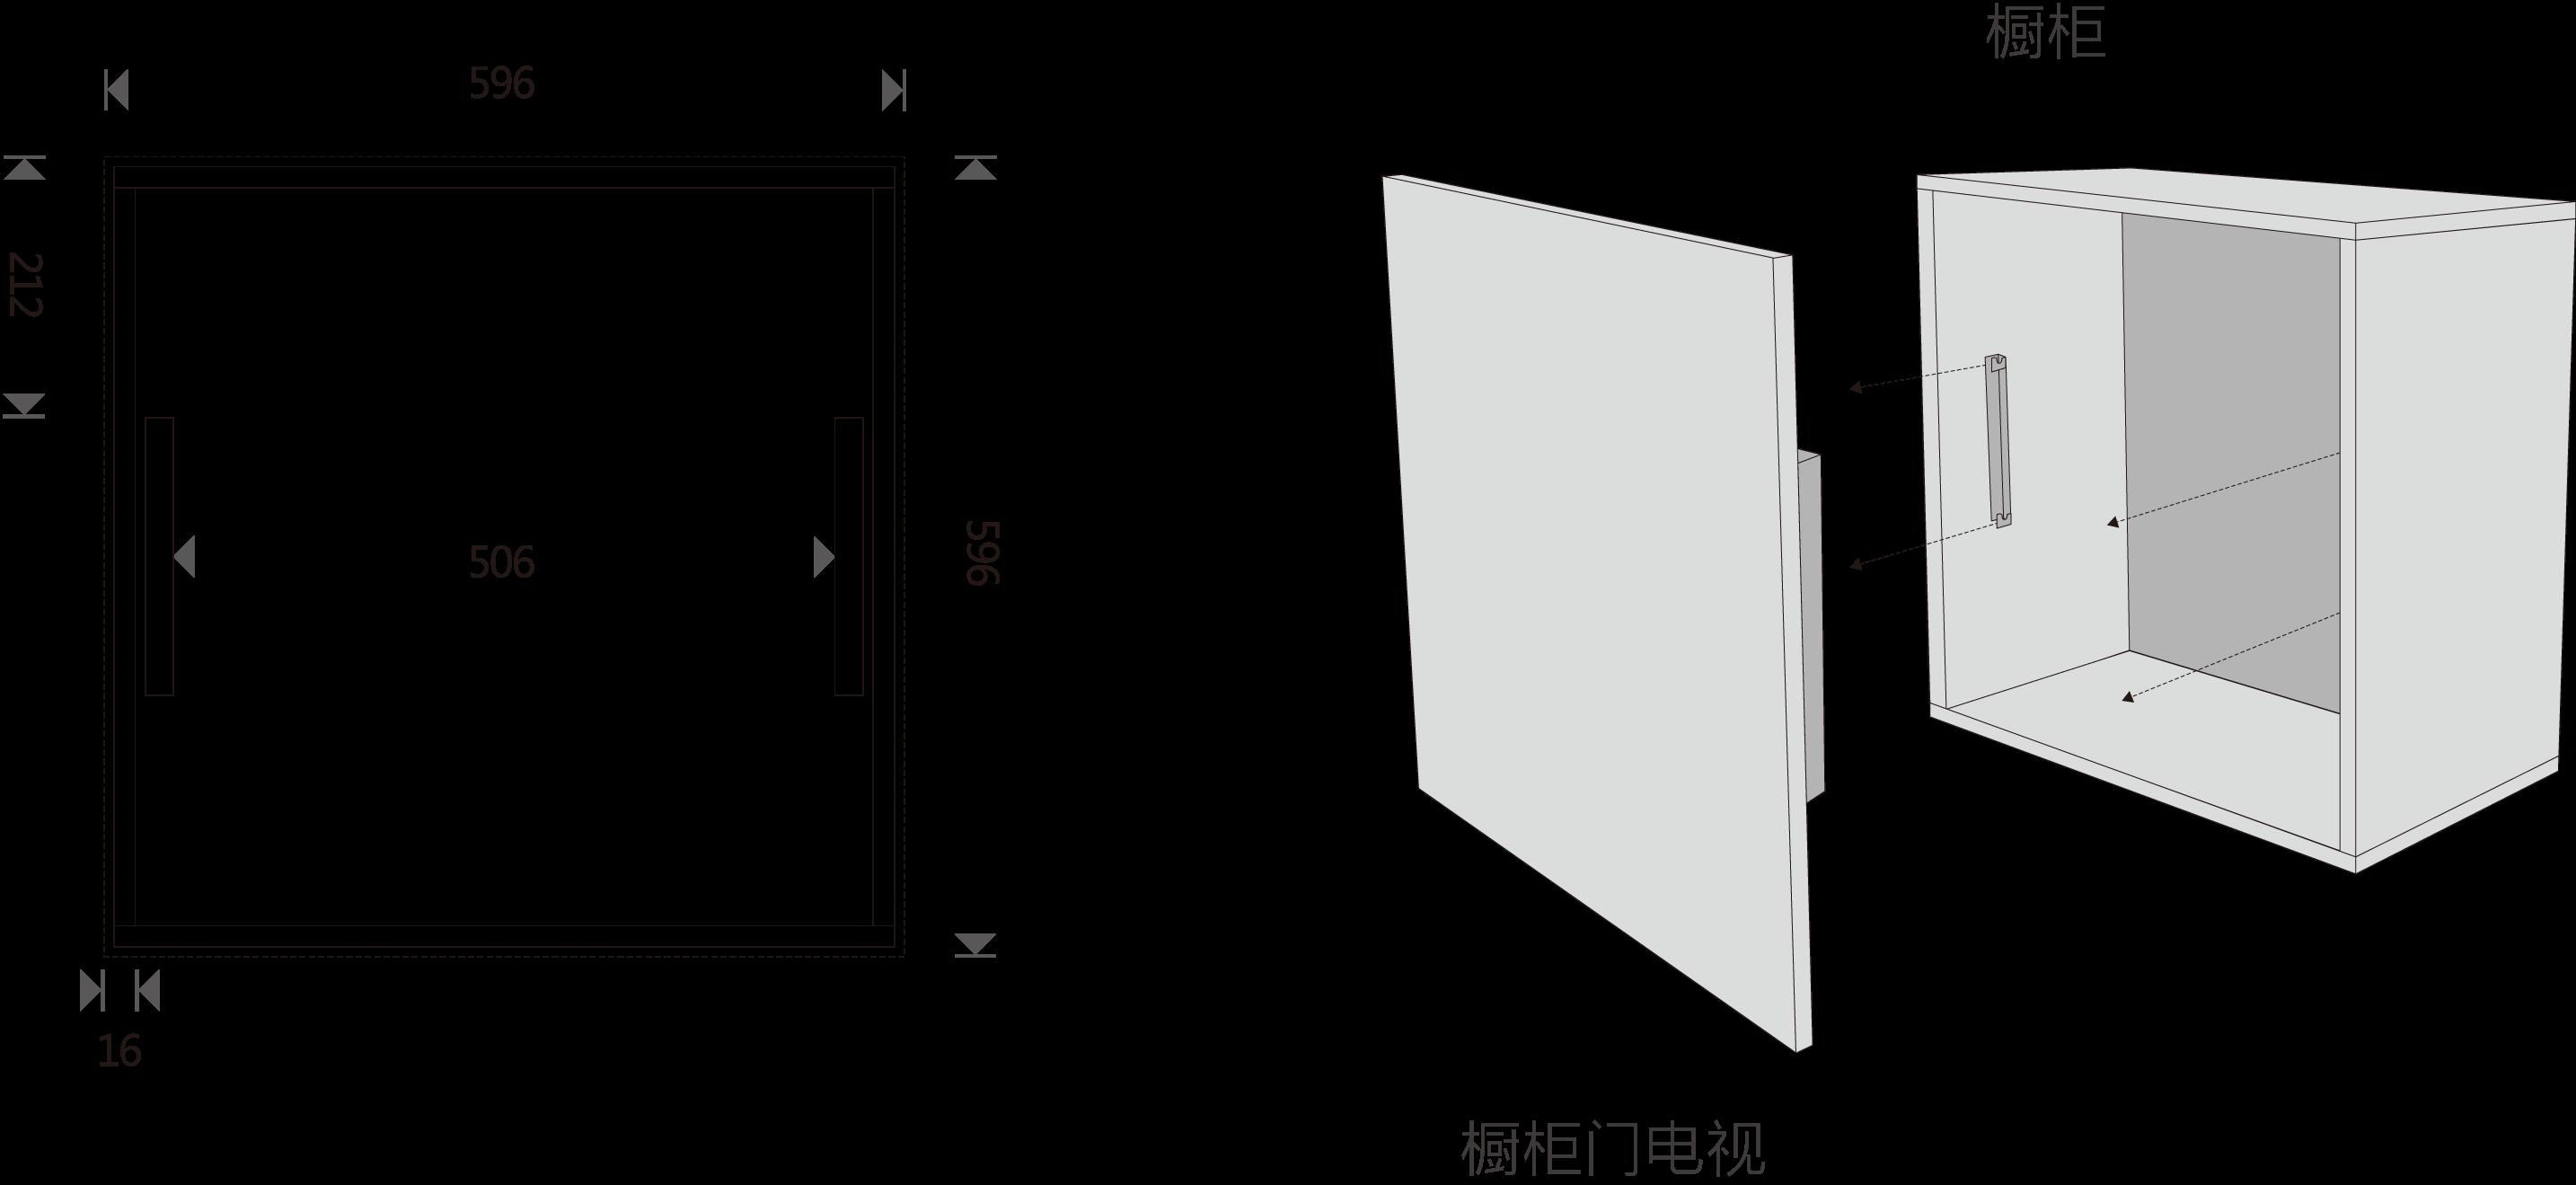 zhonwan-01